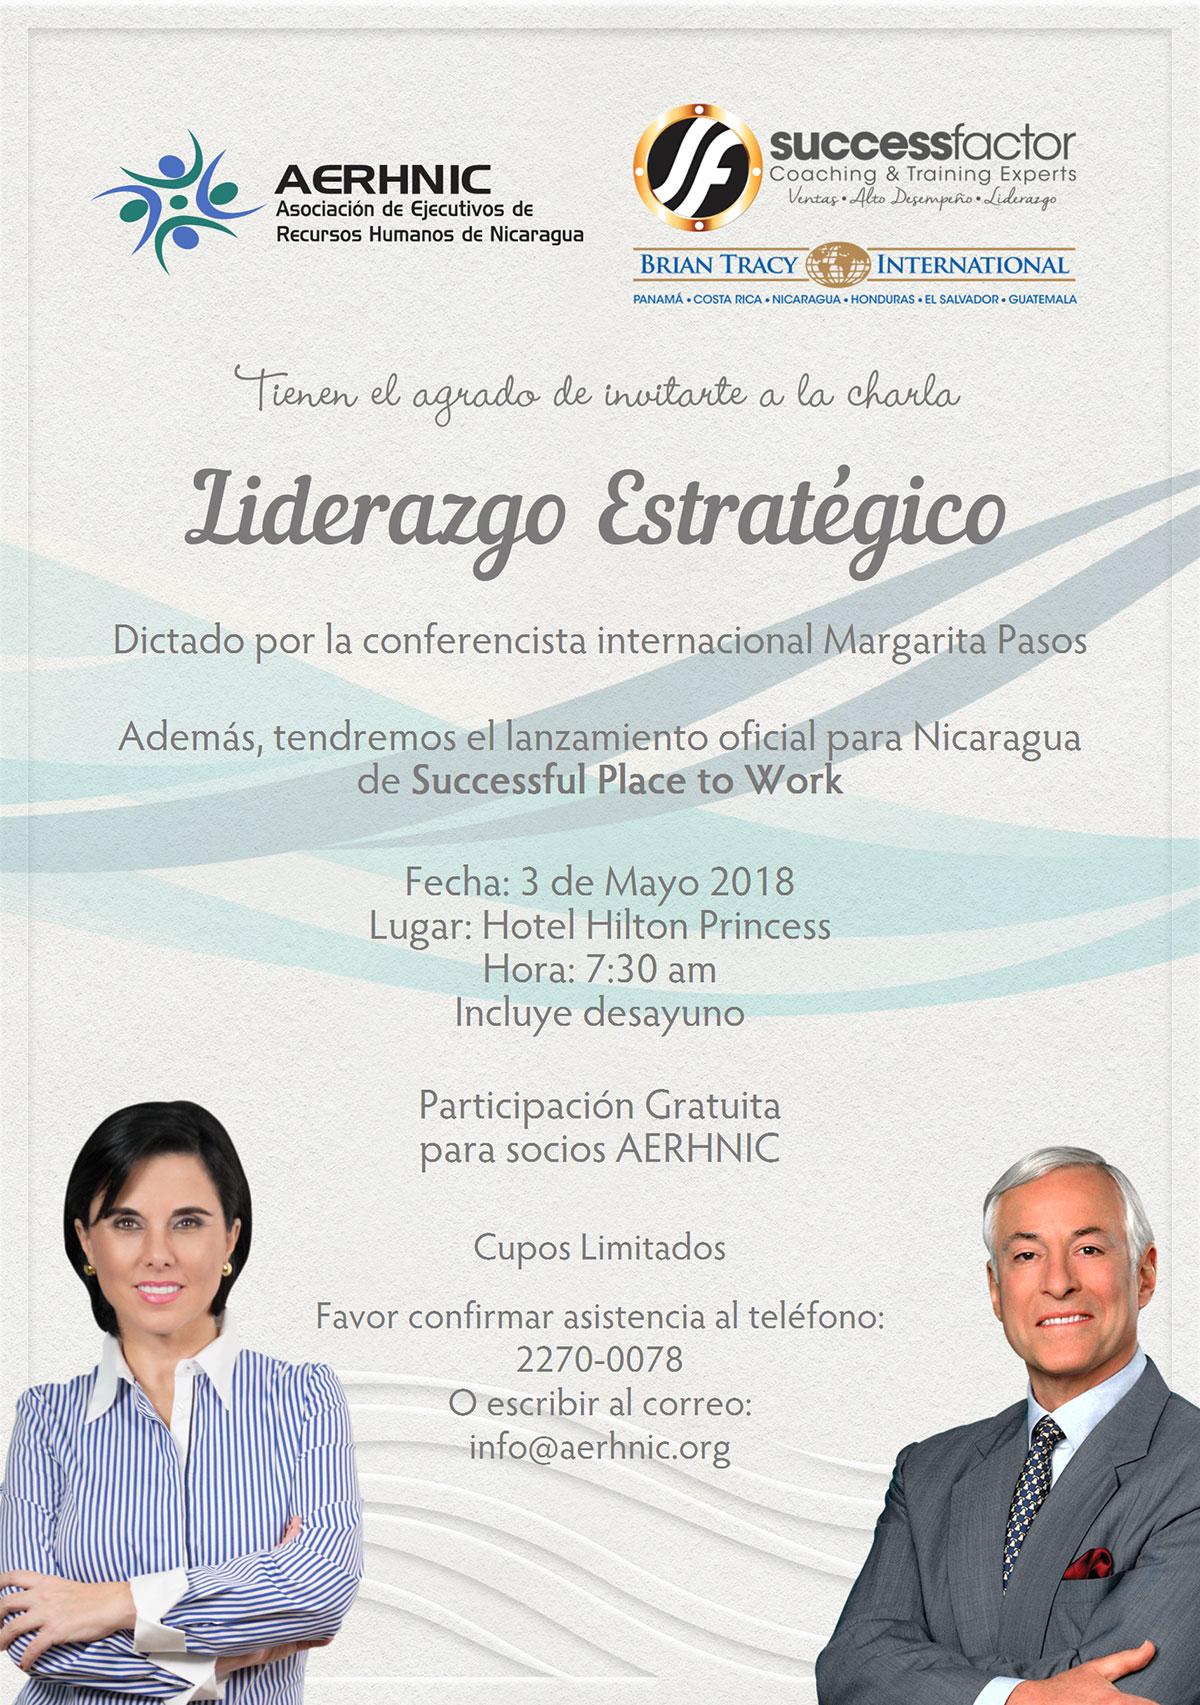 Liderazgo Estratégico con Margarita Pasos